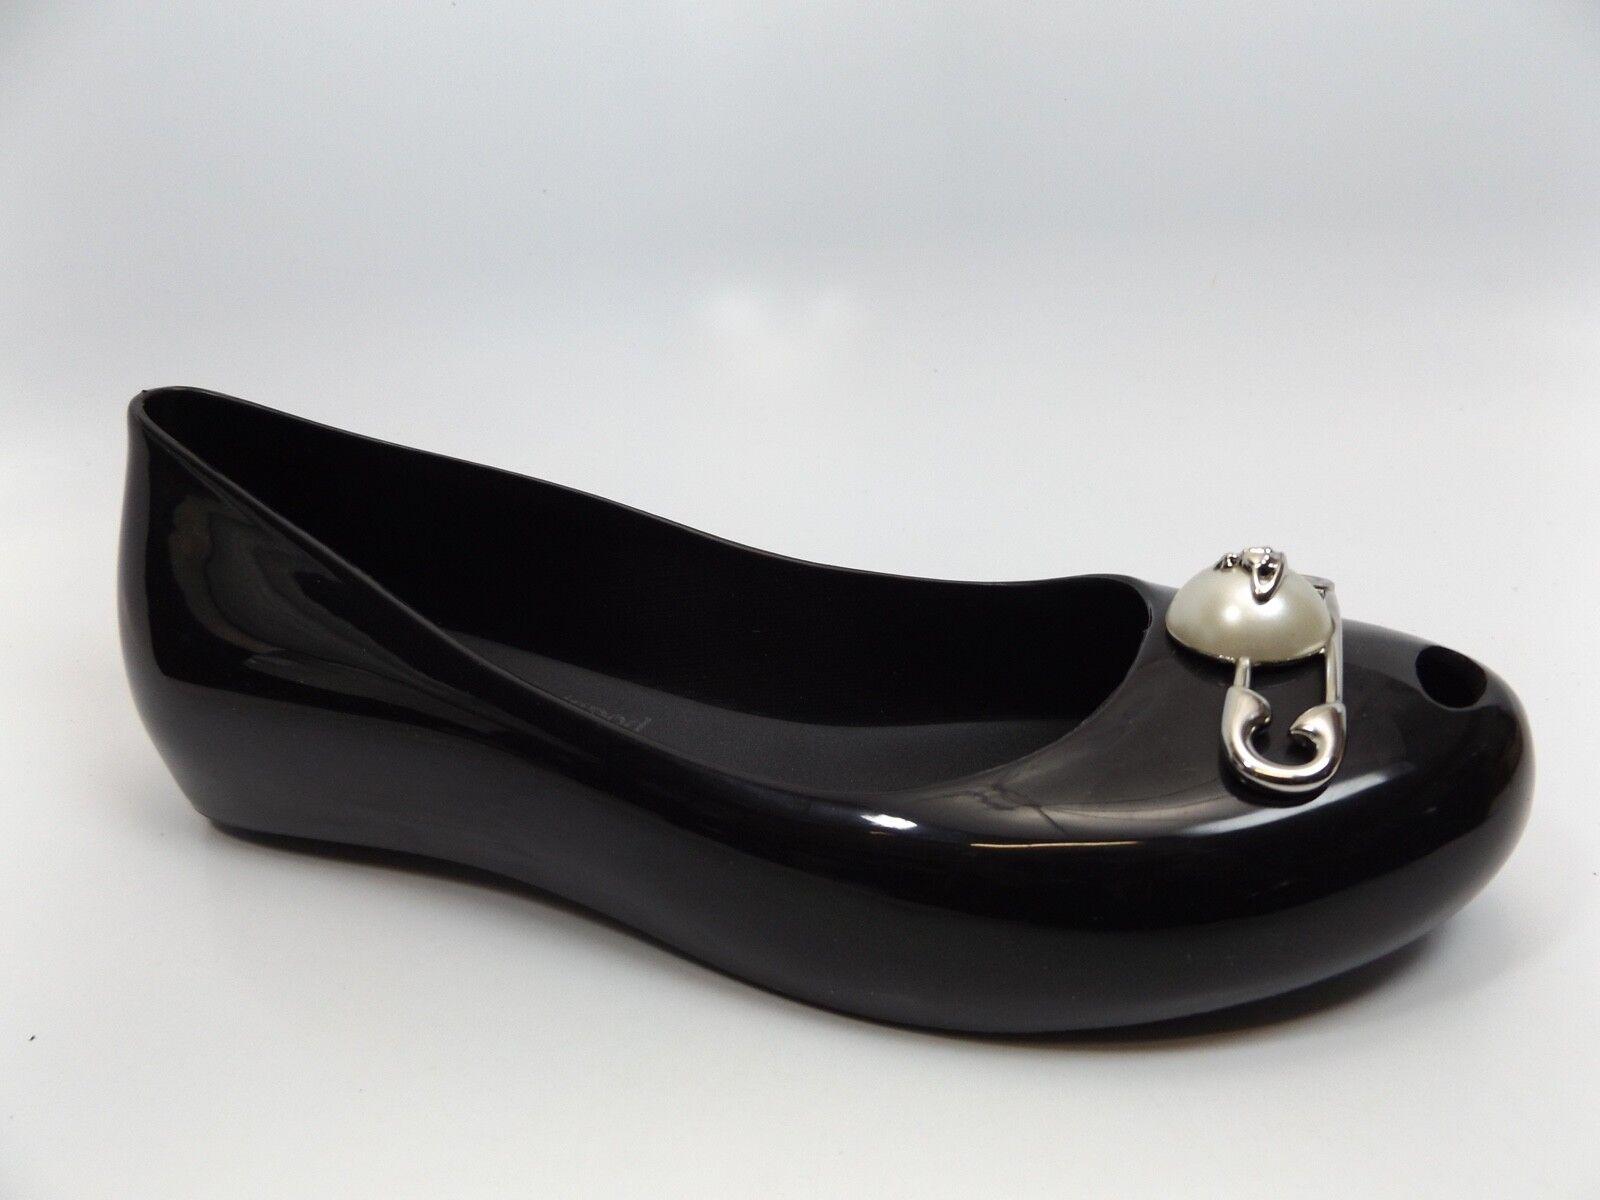 Para mujer Vivienne Westwood Melissa Negro Ultra-Girl 19 PVC PVC PVC zapatos talla 10.0 M D9633  primera reputación de los clientes primero